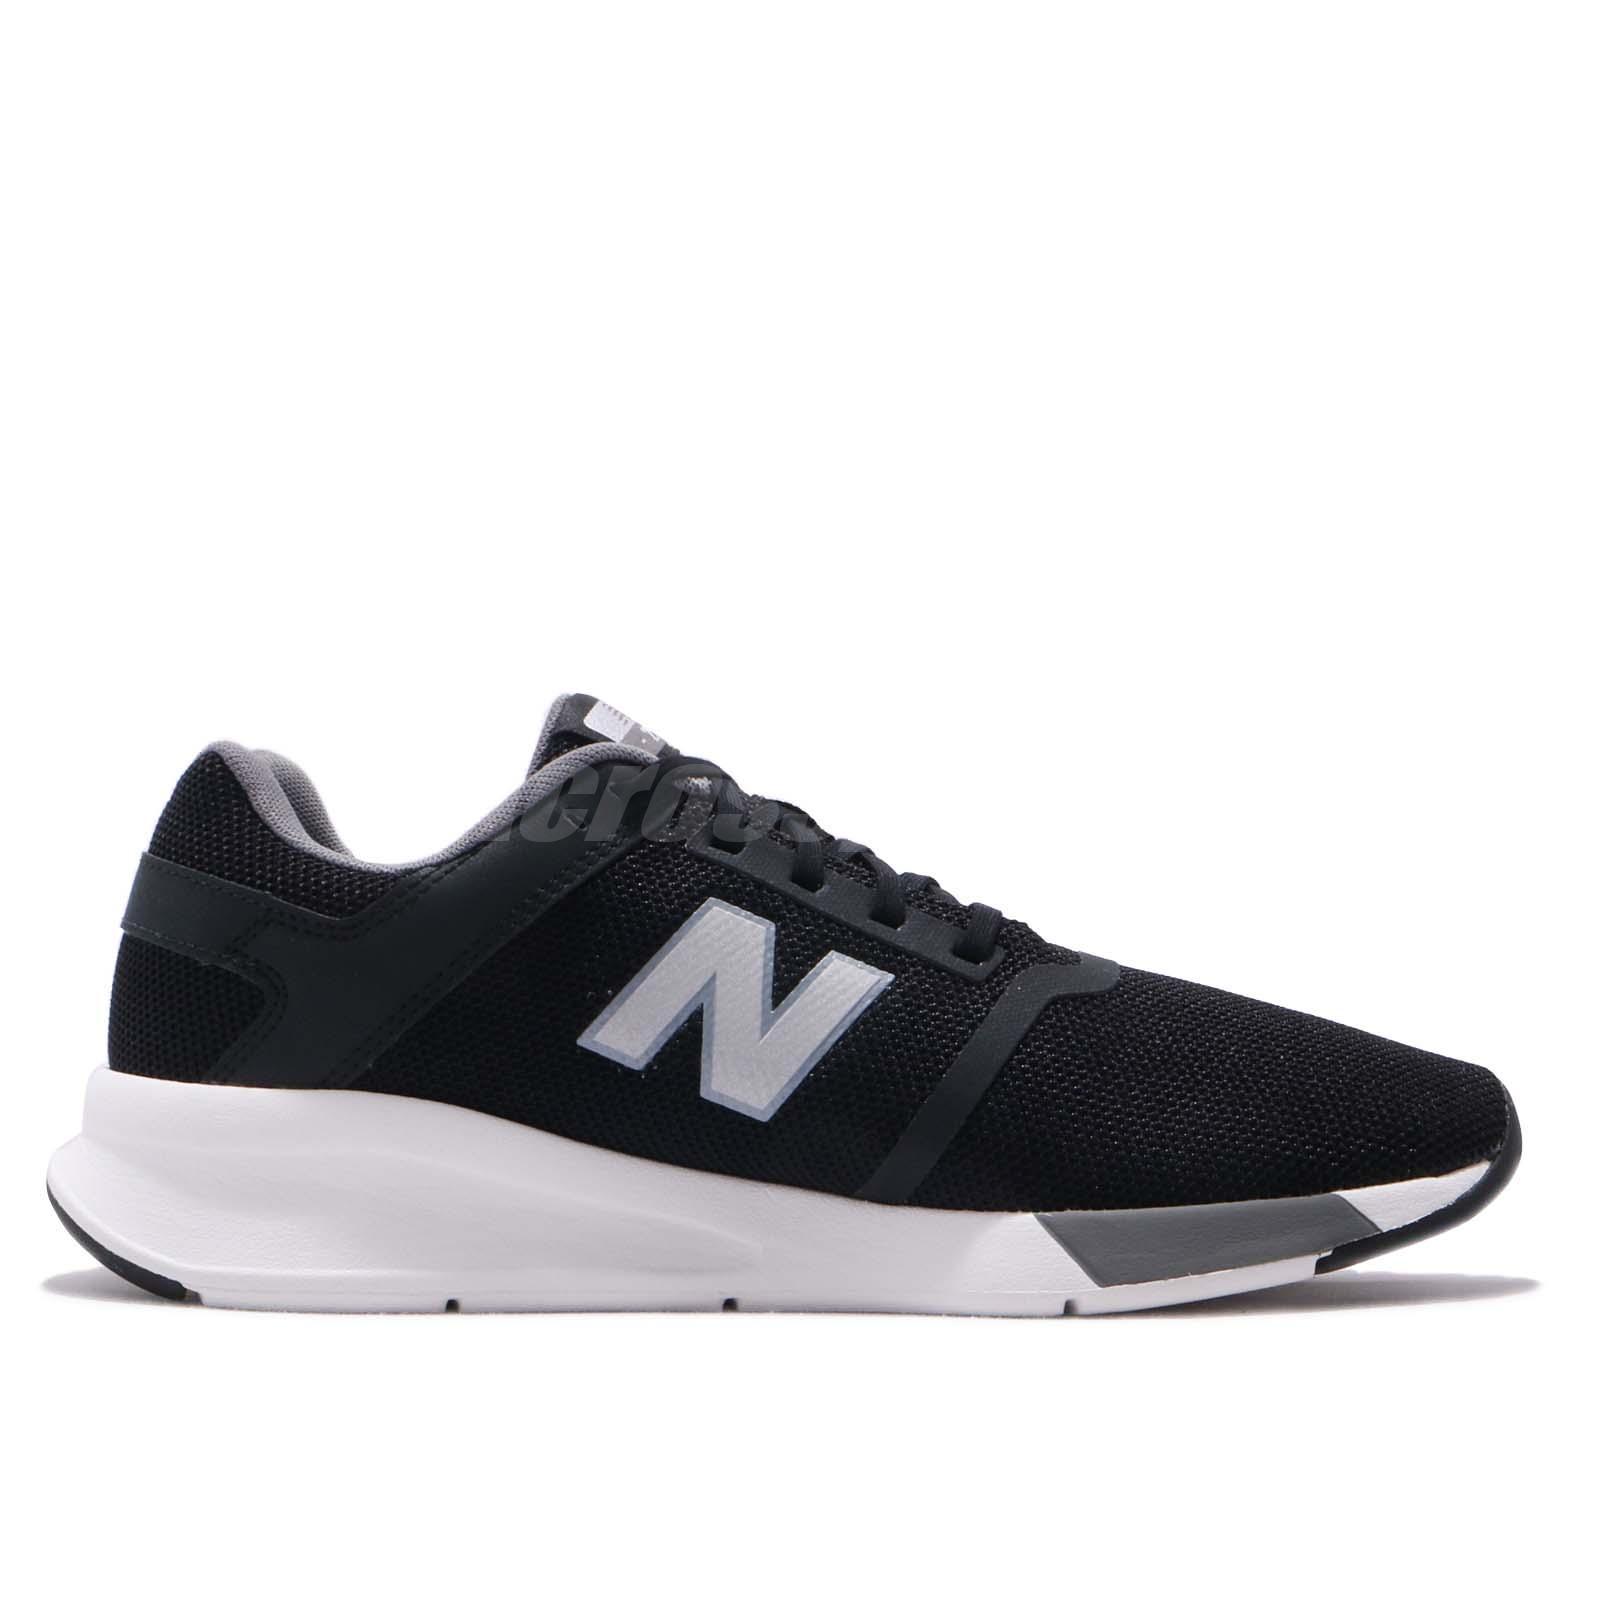 New Balance CRT300KB D Grey White Gum Men Running Casual Shoes Sneaker CRT300KBD